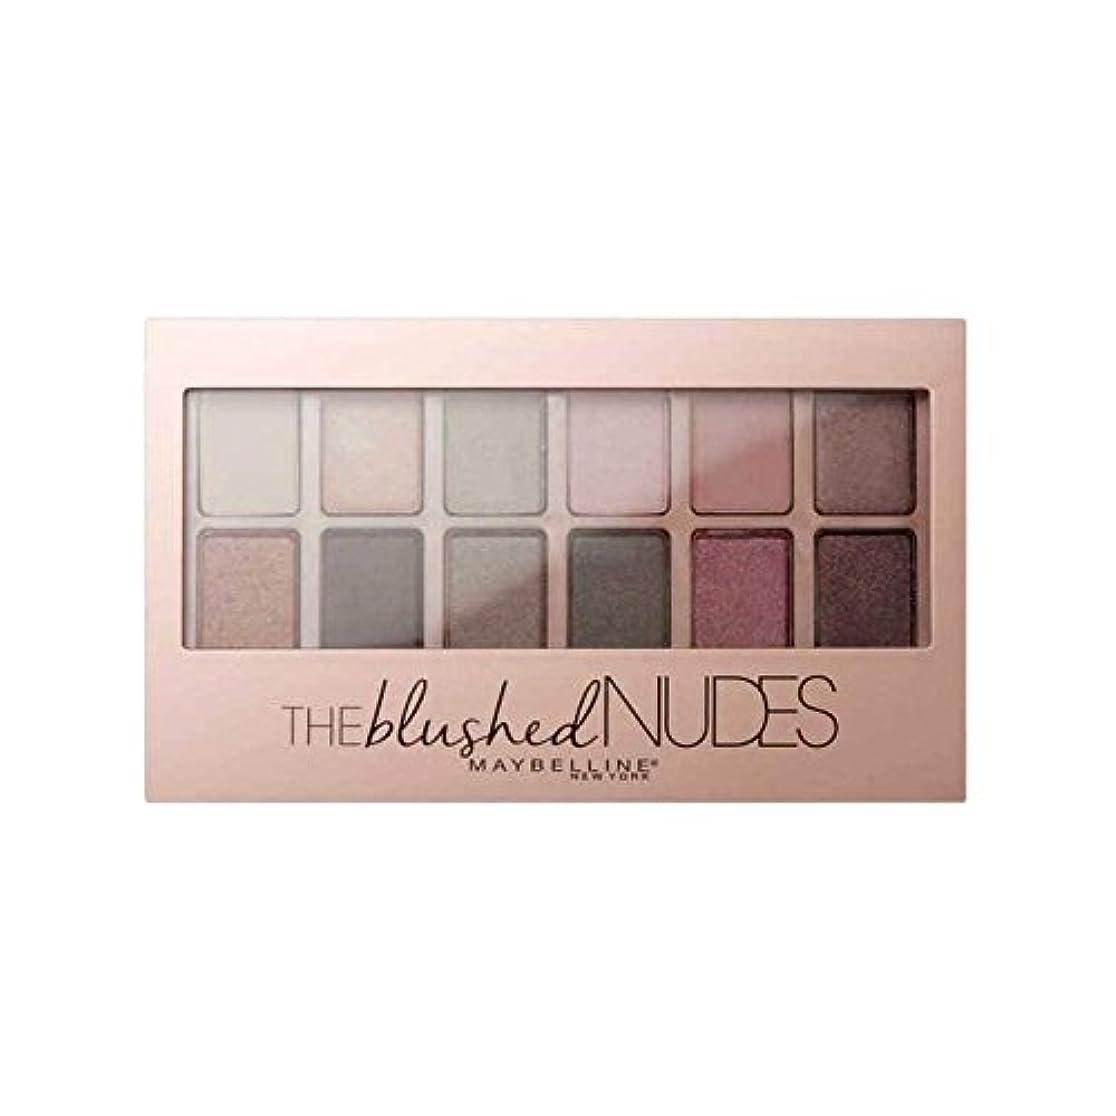 悲劇コンセンサス分散Maybelline The Blushed Nudes Eyeshadow Palette - 赤面ヌードアイシャドウパレットをメイベリン [並行輸入品]